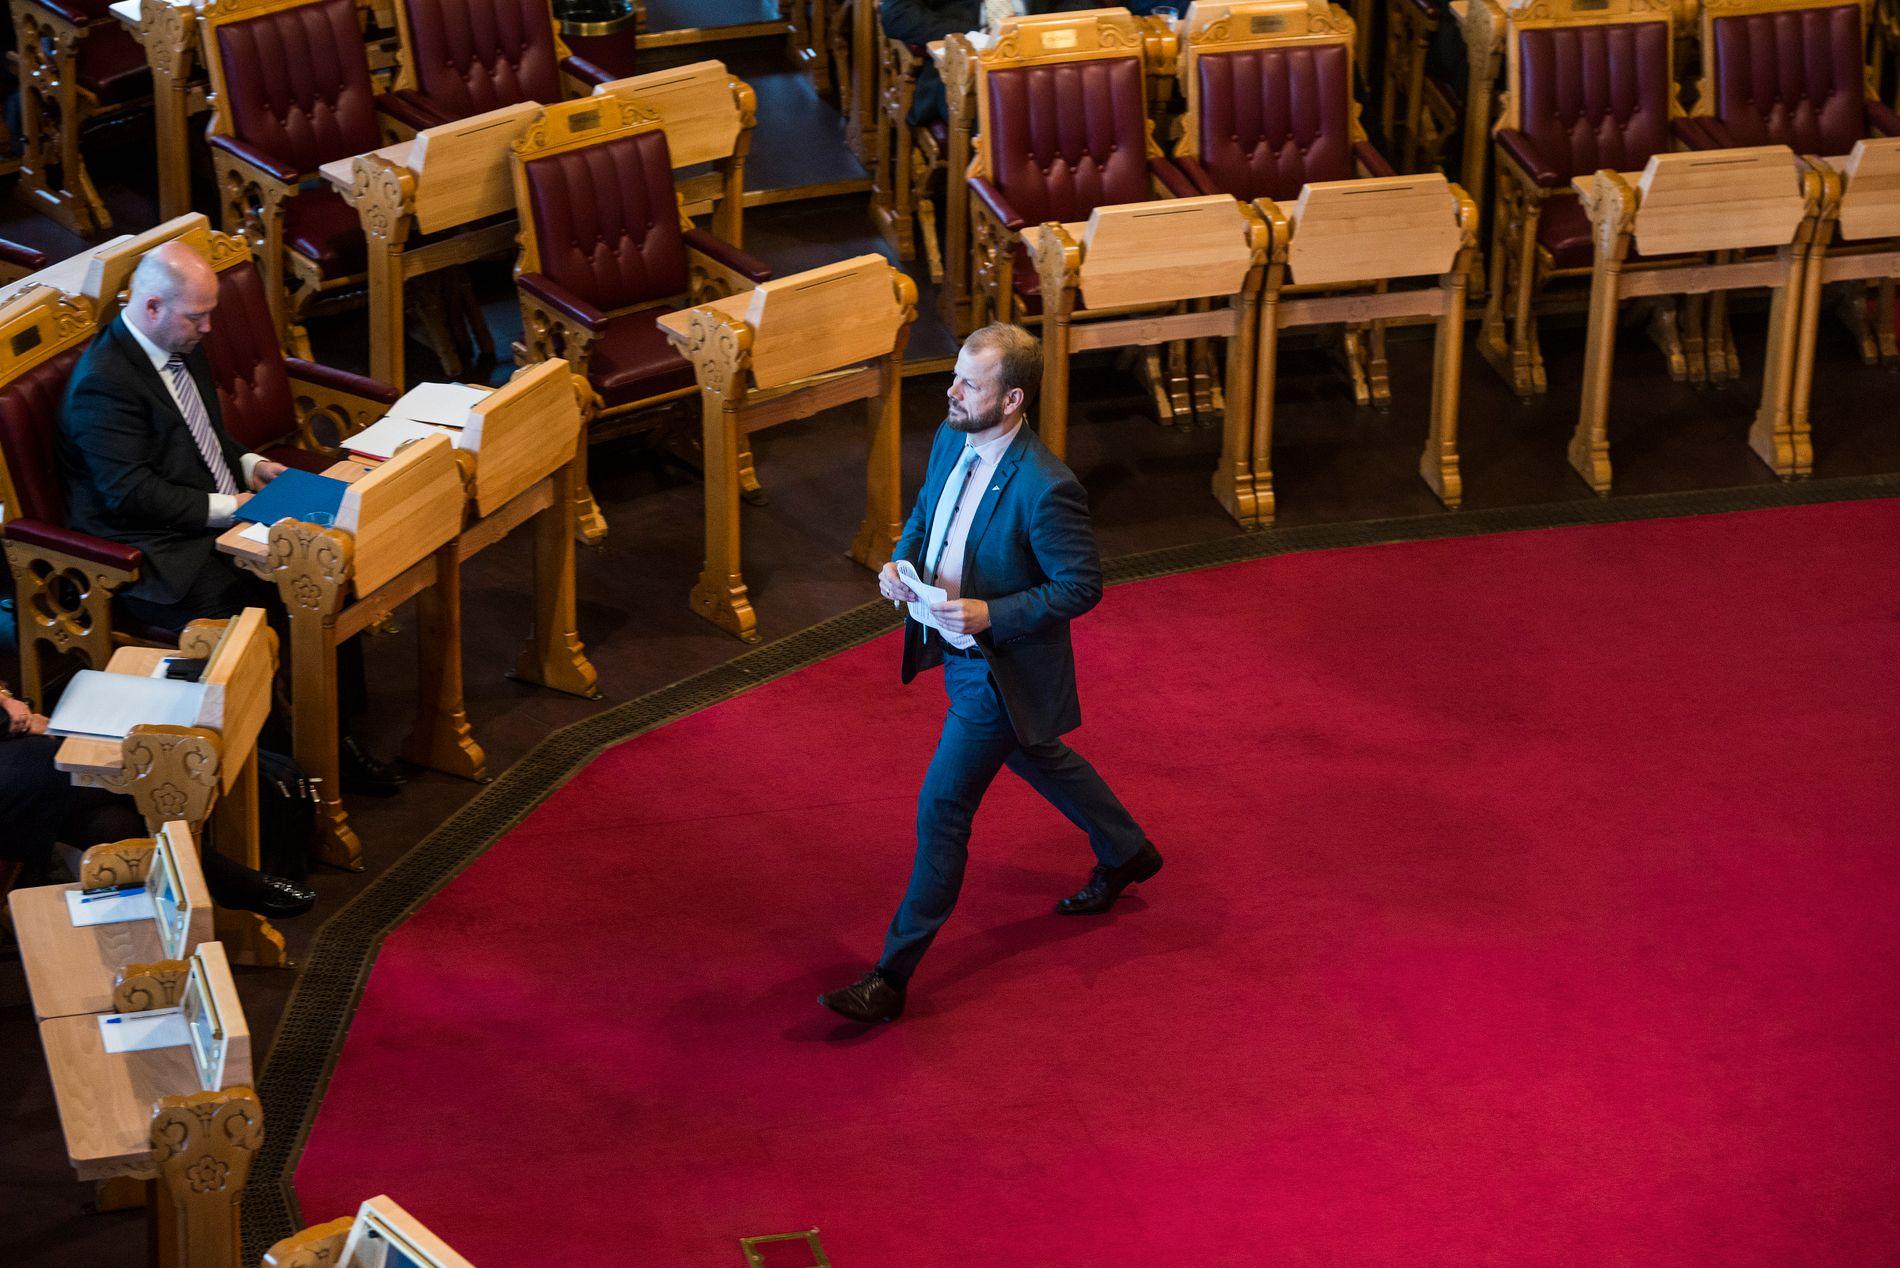 FERDIG PÅ STORTINGET: Heikki Holmås (Sv) er blant de tidligere stortingsrepresentantene som har fått innvilget etterlønn. Her er han under den muntlige spørretimen på stortinget i mai 2015.